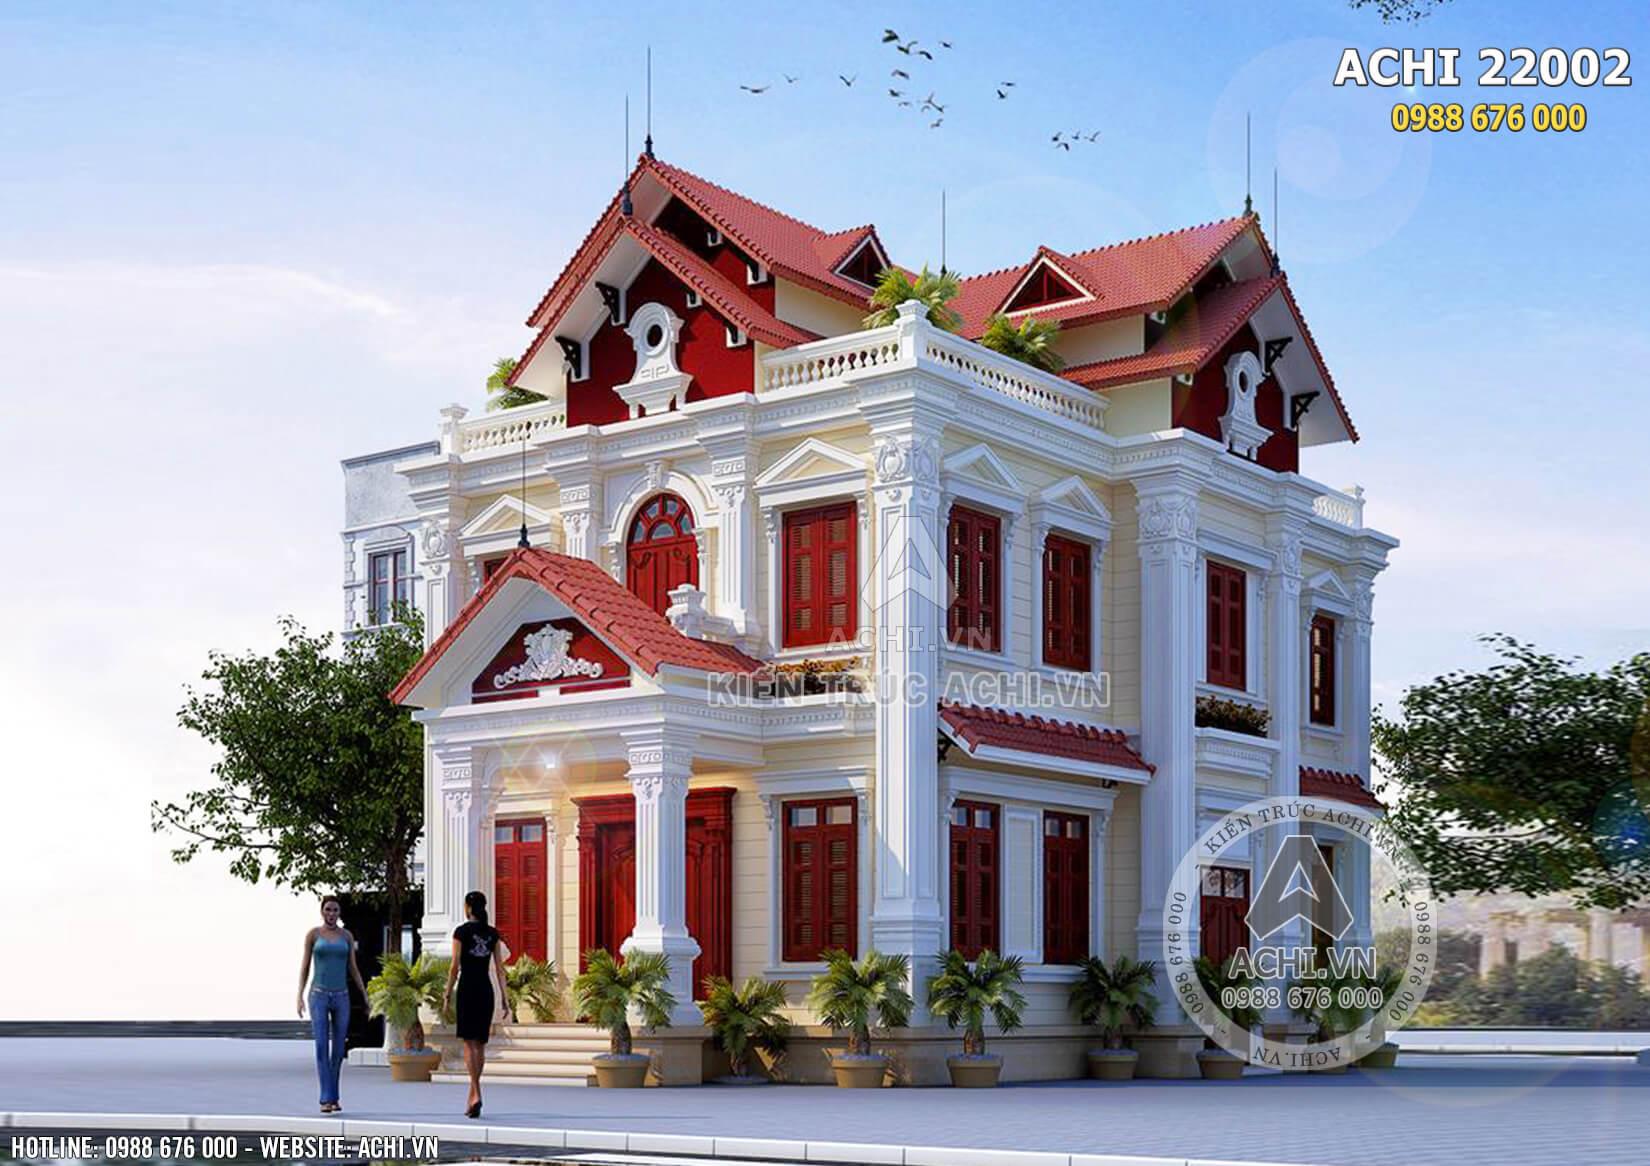 Hình ảnh: Phối cảnh tổng thể mẫu biệt thự kiến trúc Pháp 2 tầng đẹp – Mã số: AChi22002